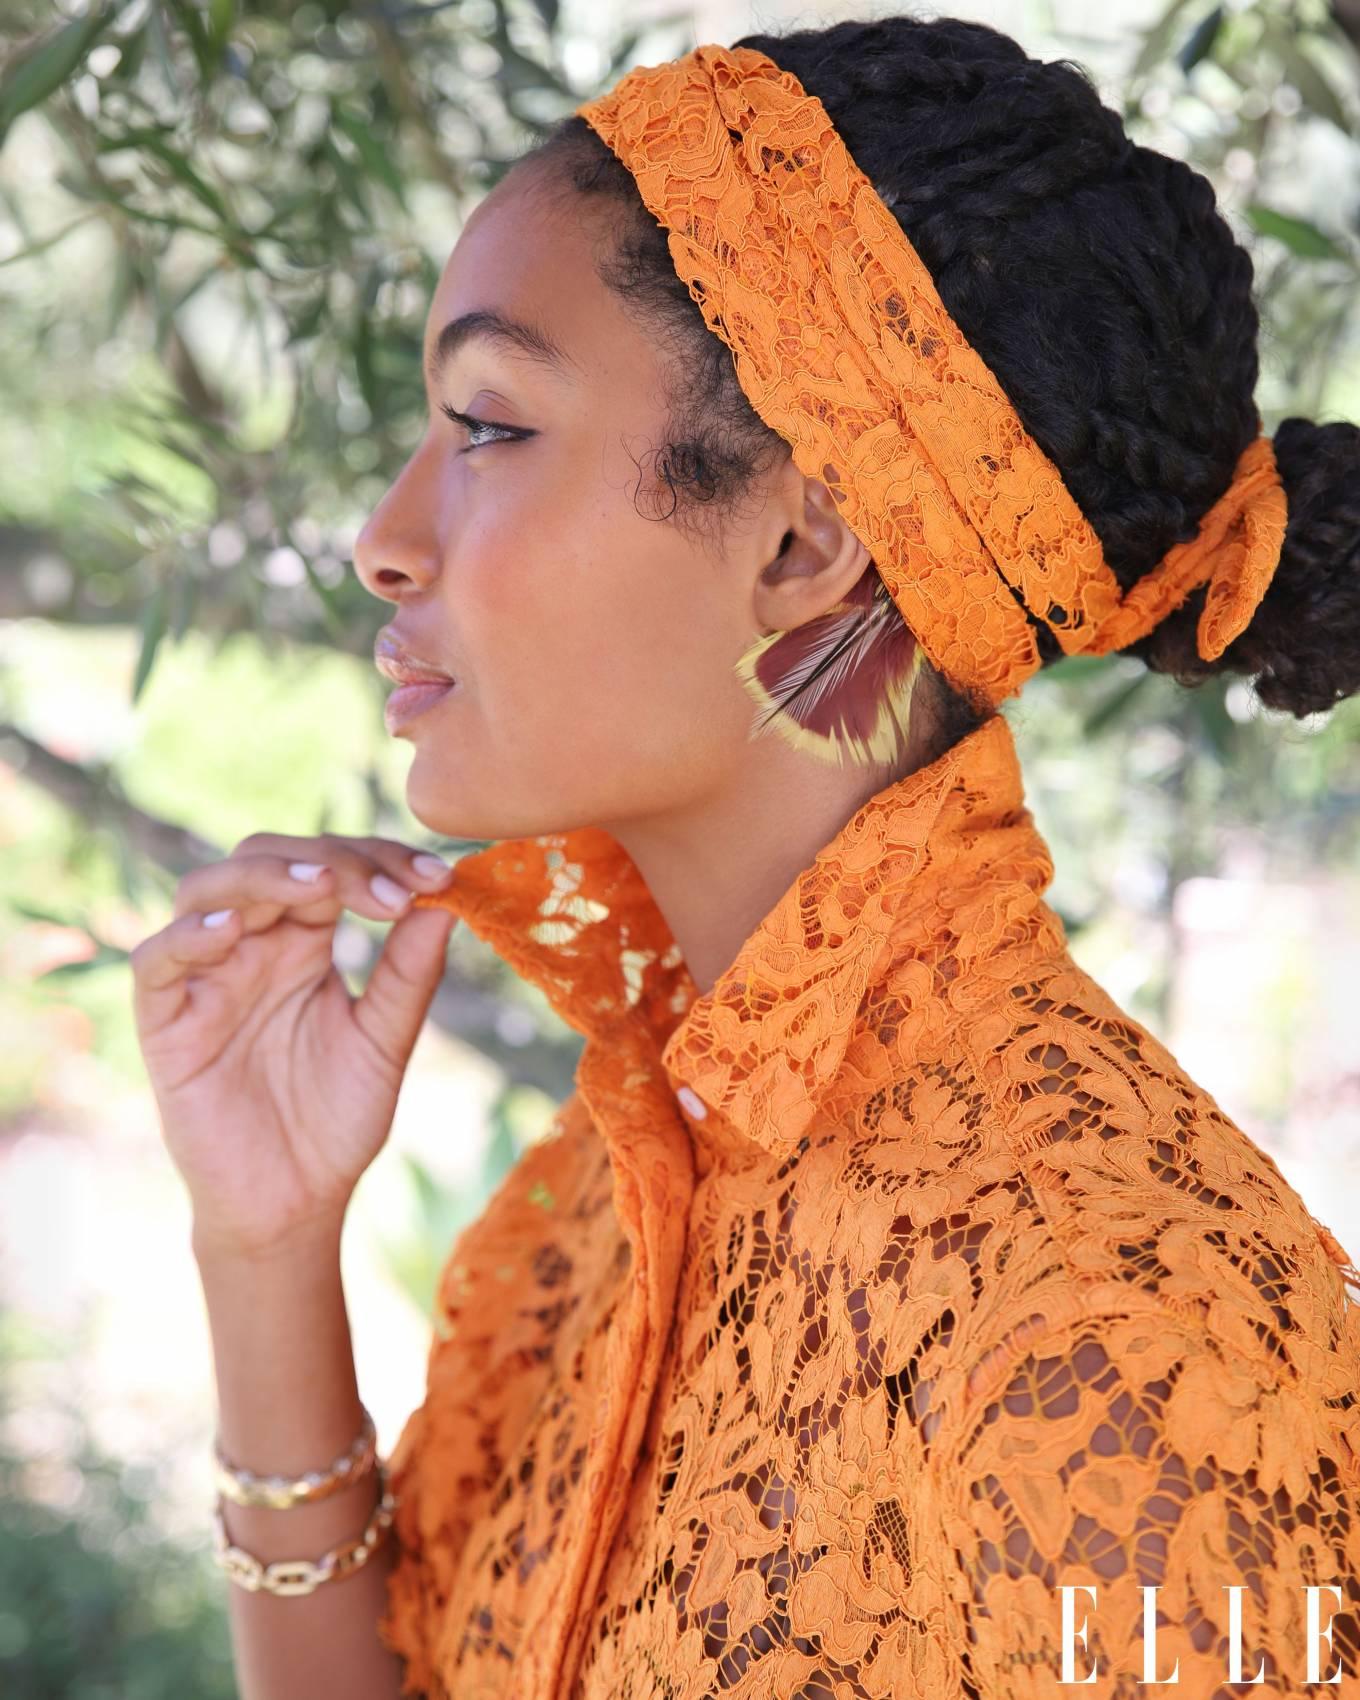 Yara Shahidi 2020 : Yara Shahidi – Afshin Shahidi Photoshoot for Elle Magazine 2020-05